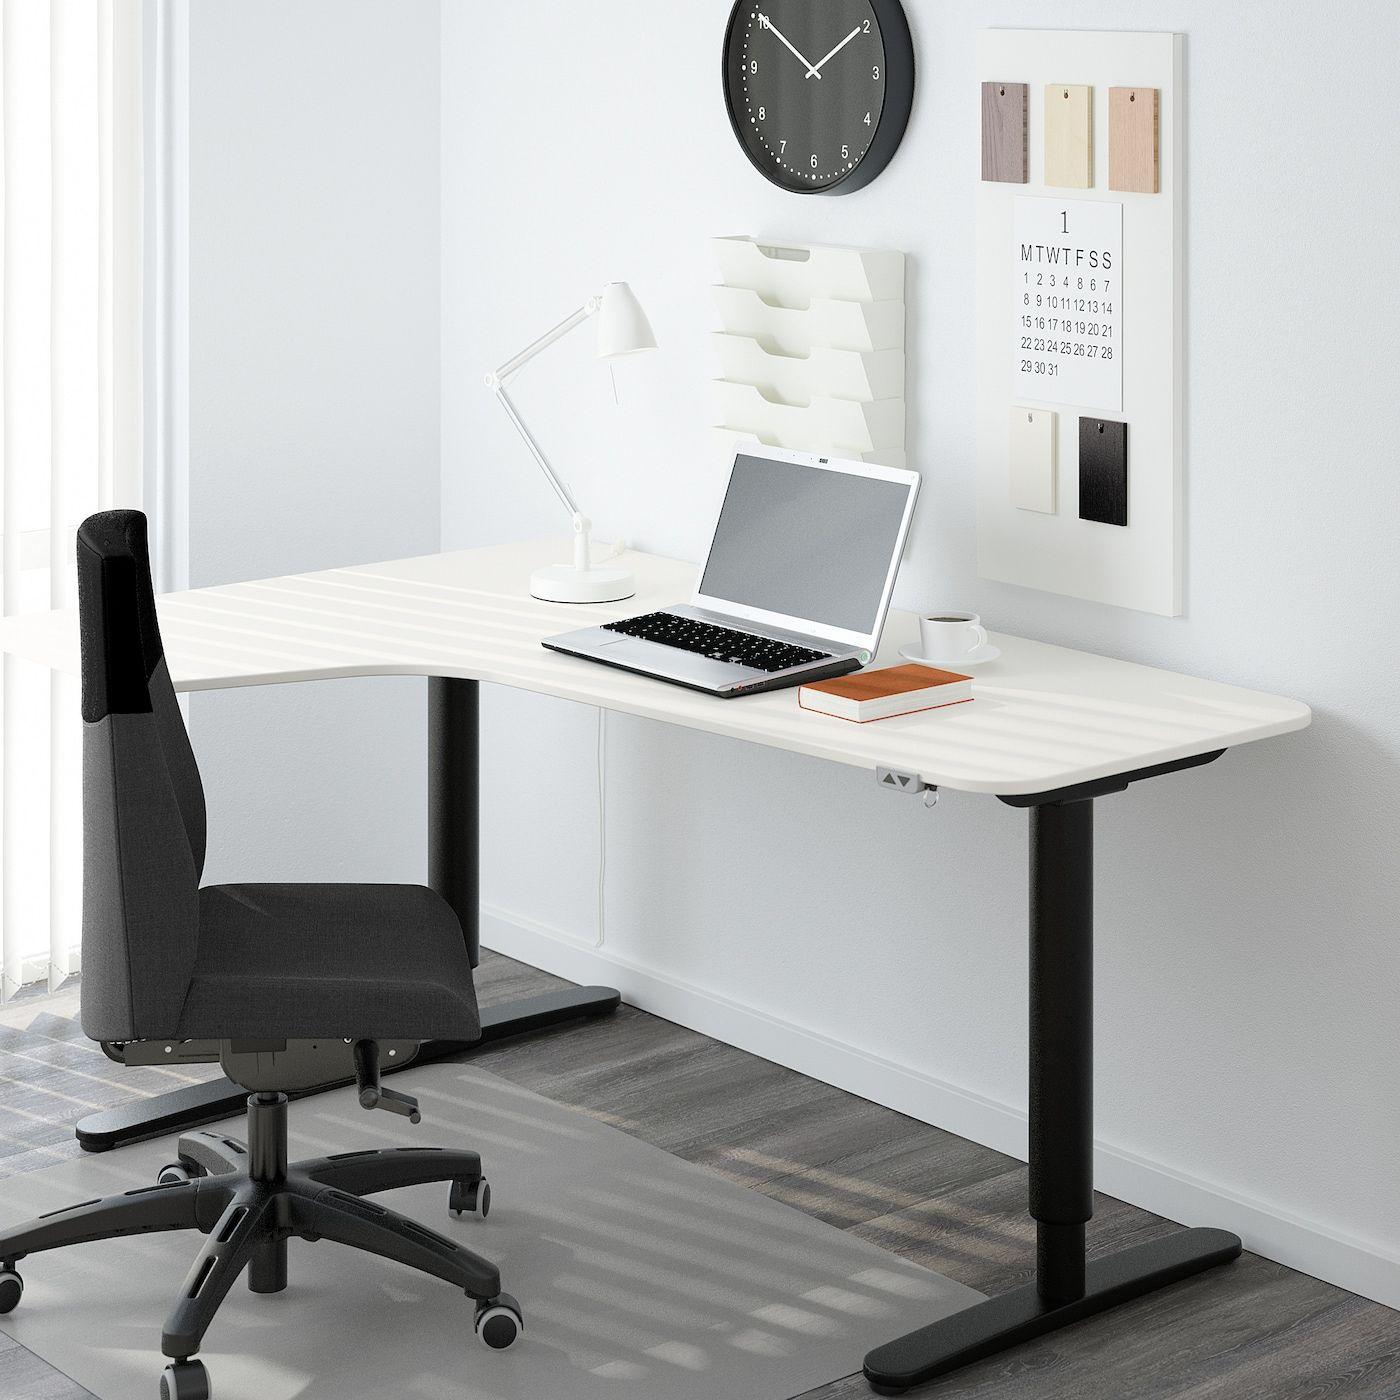 Bekant Left Hand Corner Table Top White Ikea In 2020 Ikea Bekant Ikea Ikea Bekant Desk